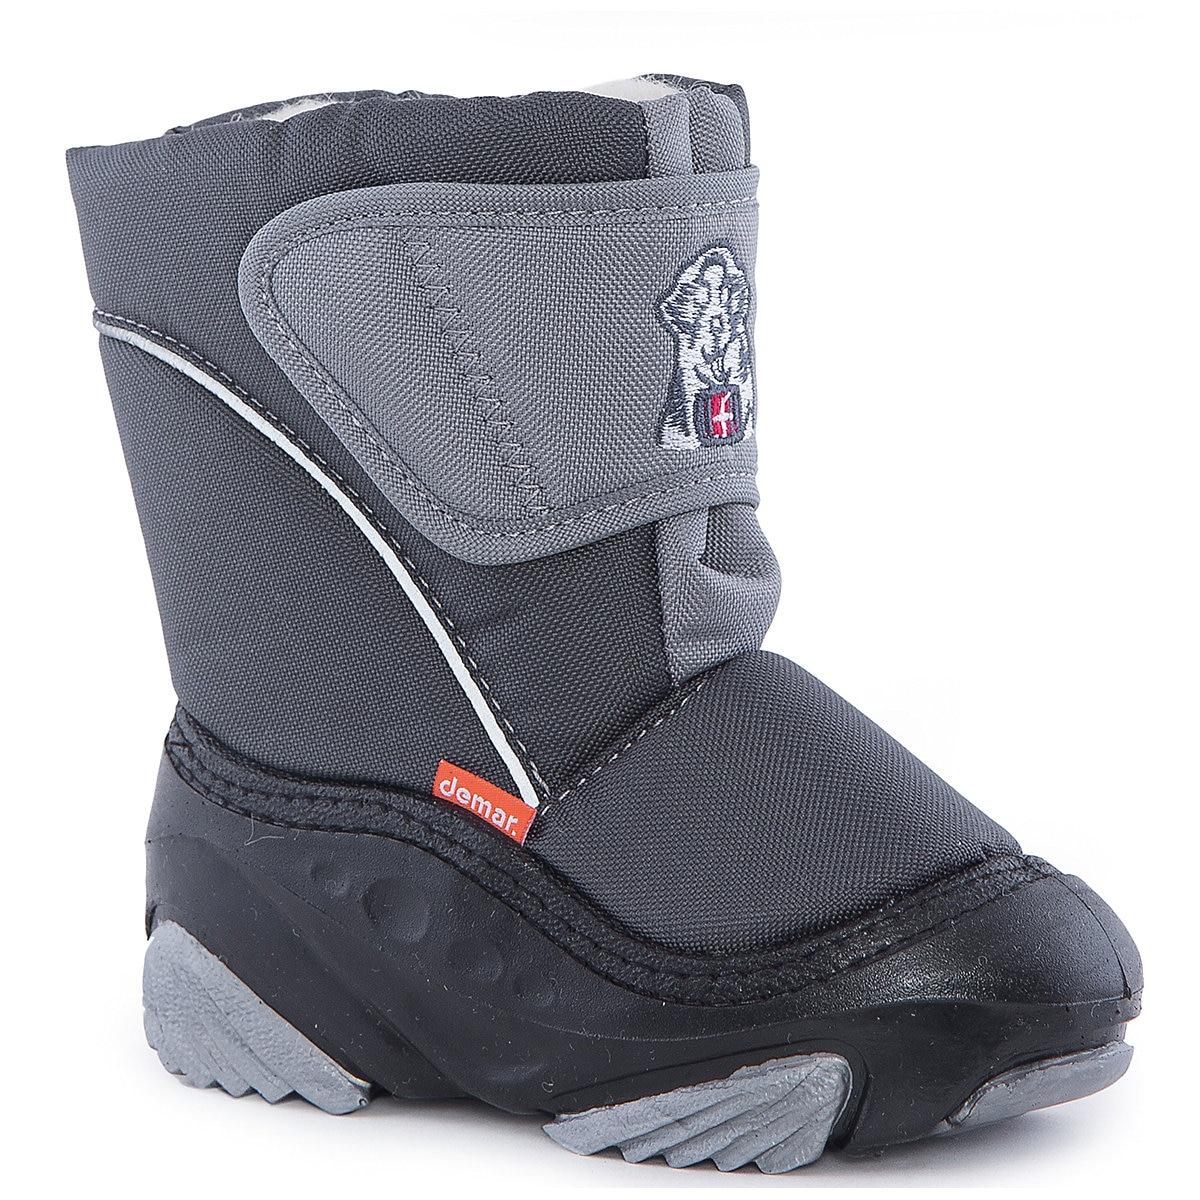 Stivali Demar per le ragazze 6835183 Valenki Uggi Capretti Del Bambino di Inverno Dei Bambini scarpe MTpromo